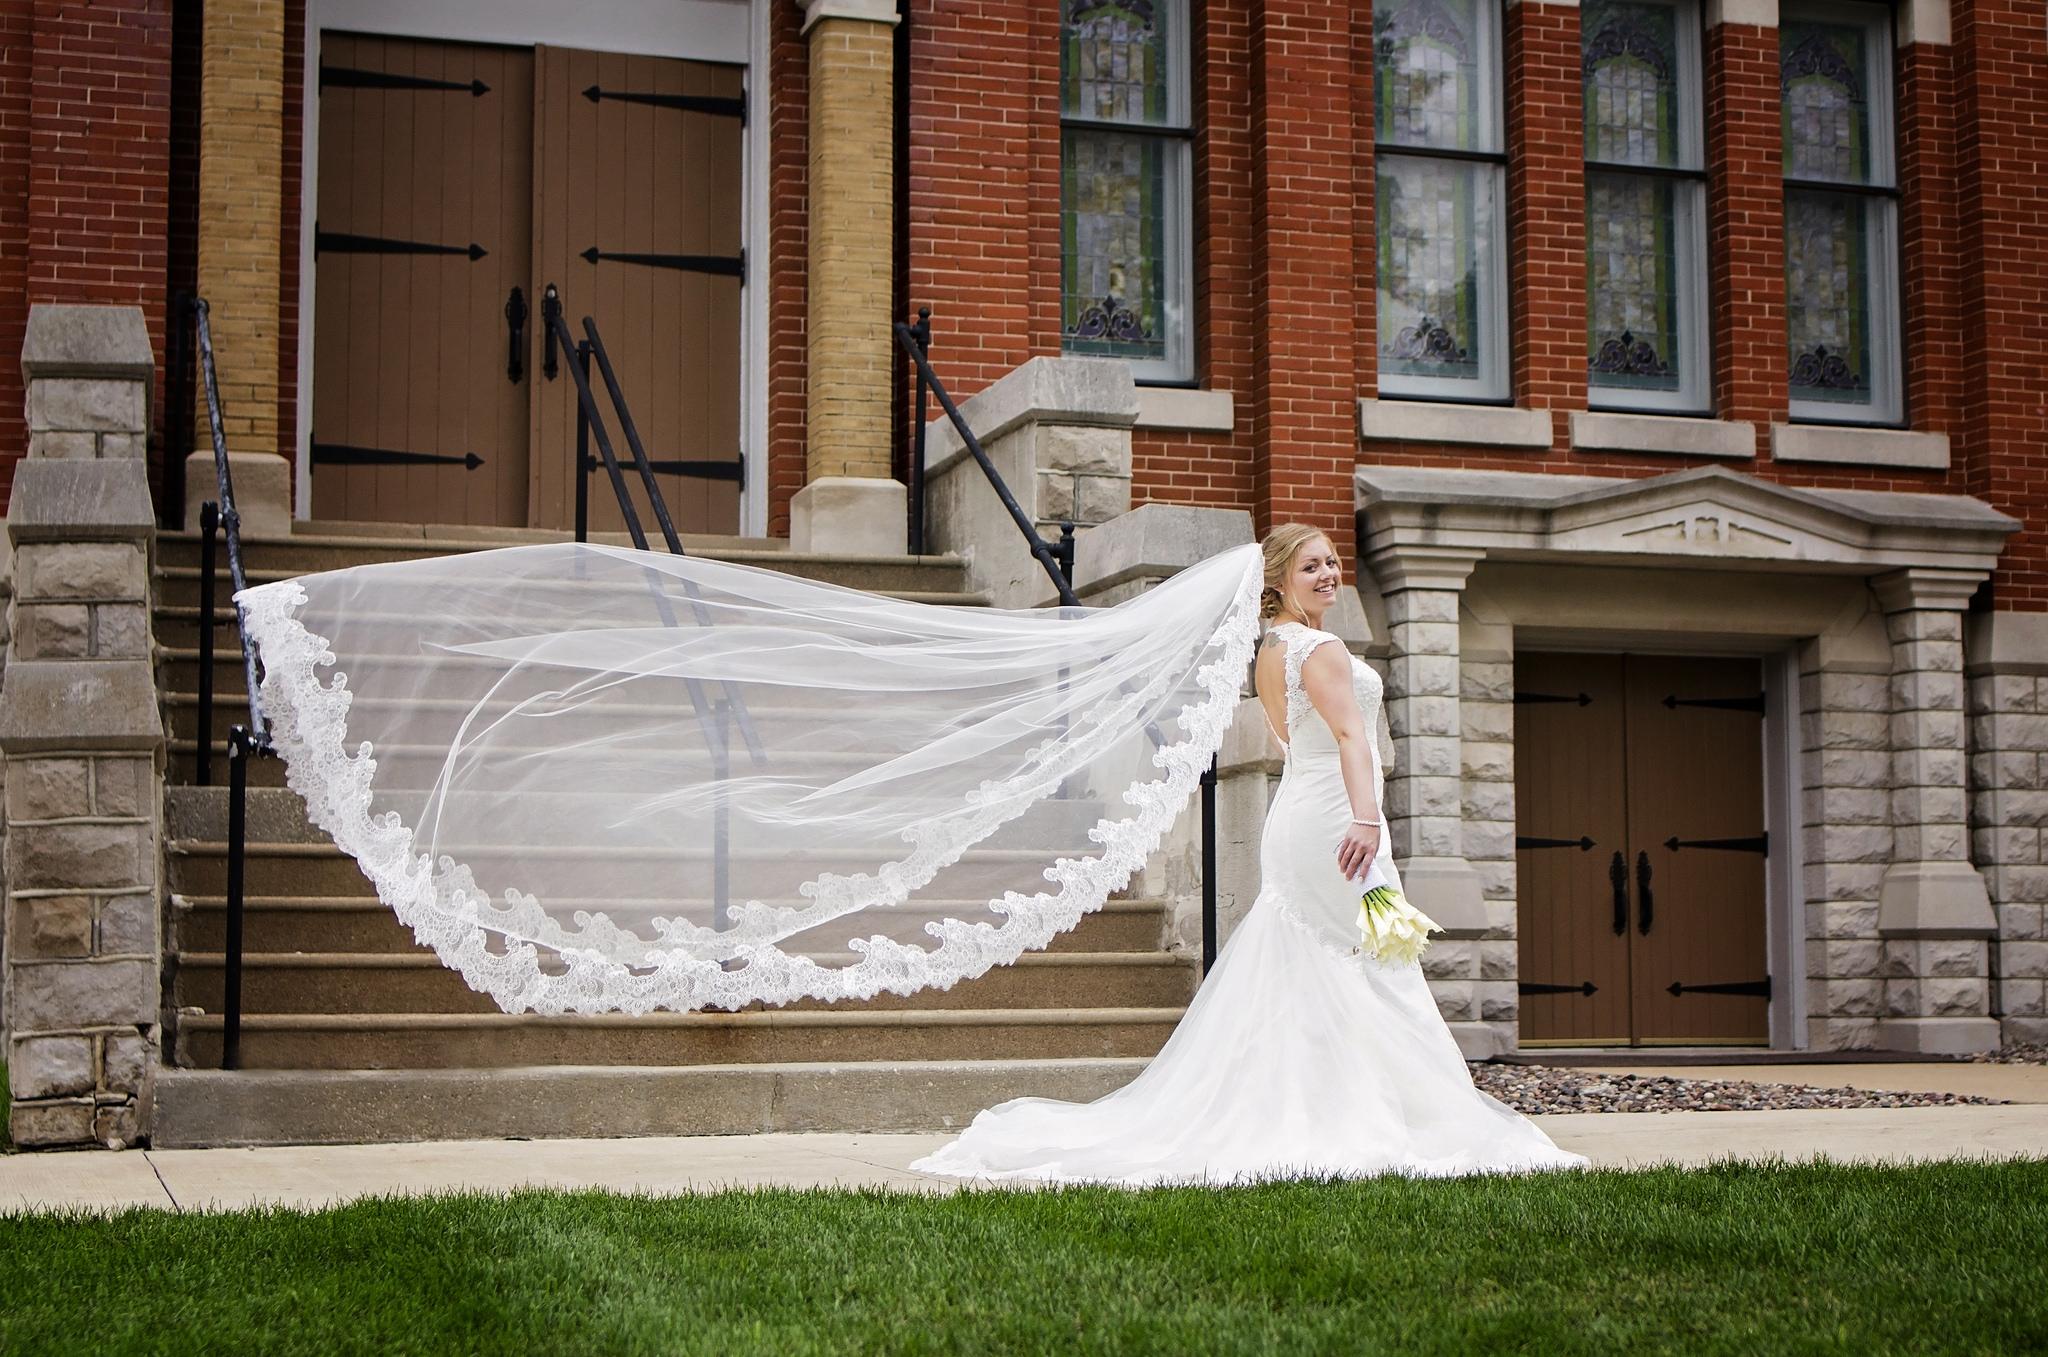 kristine_wedding_brides_spiritedtable_photo03.jpg